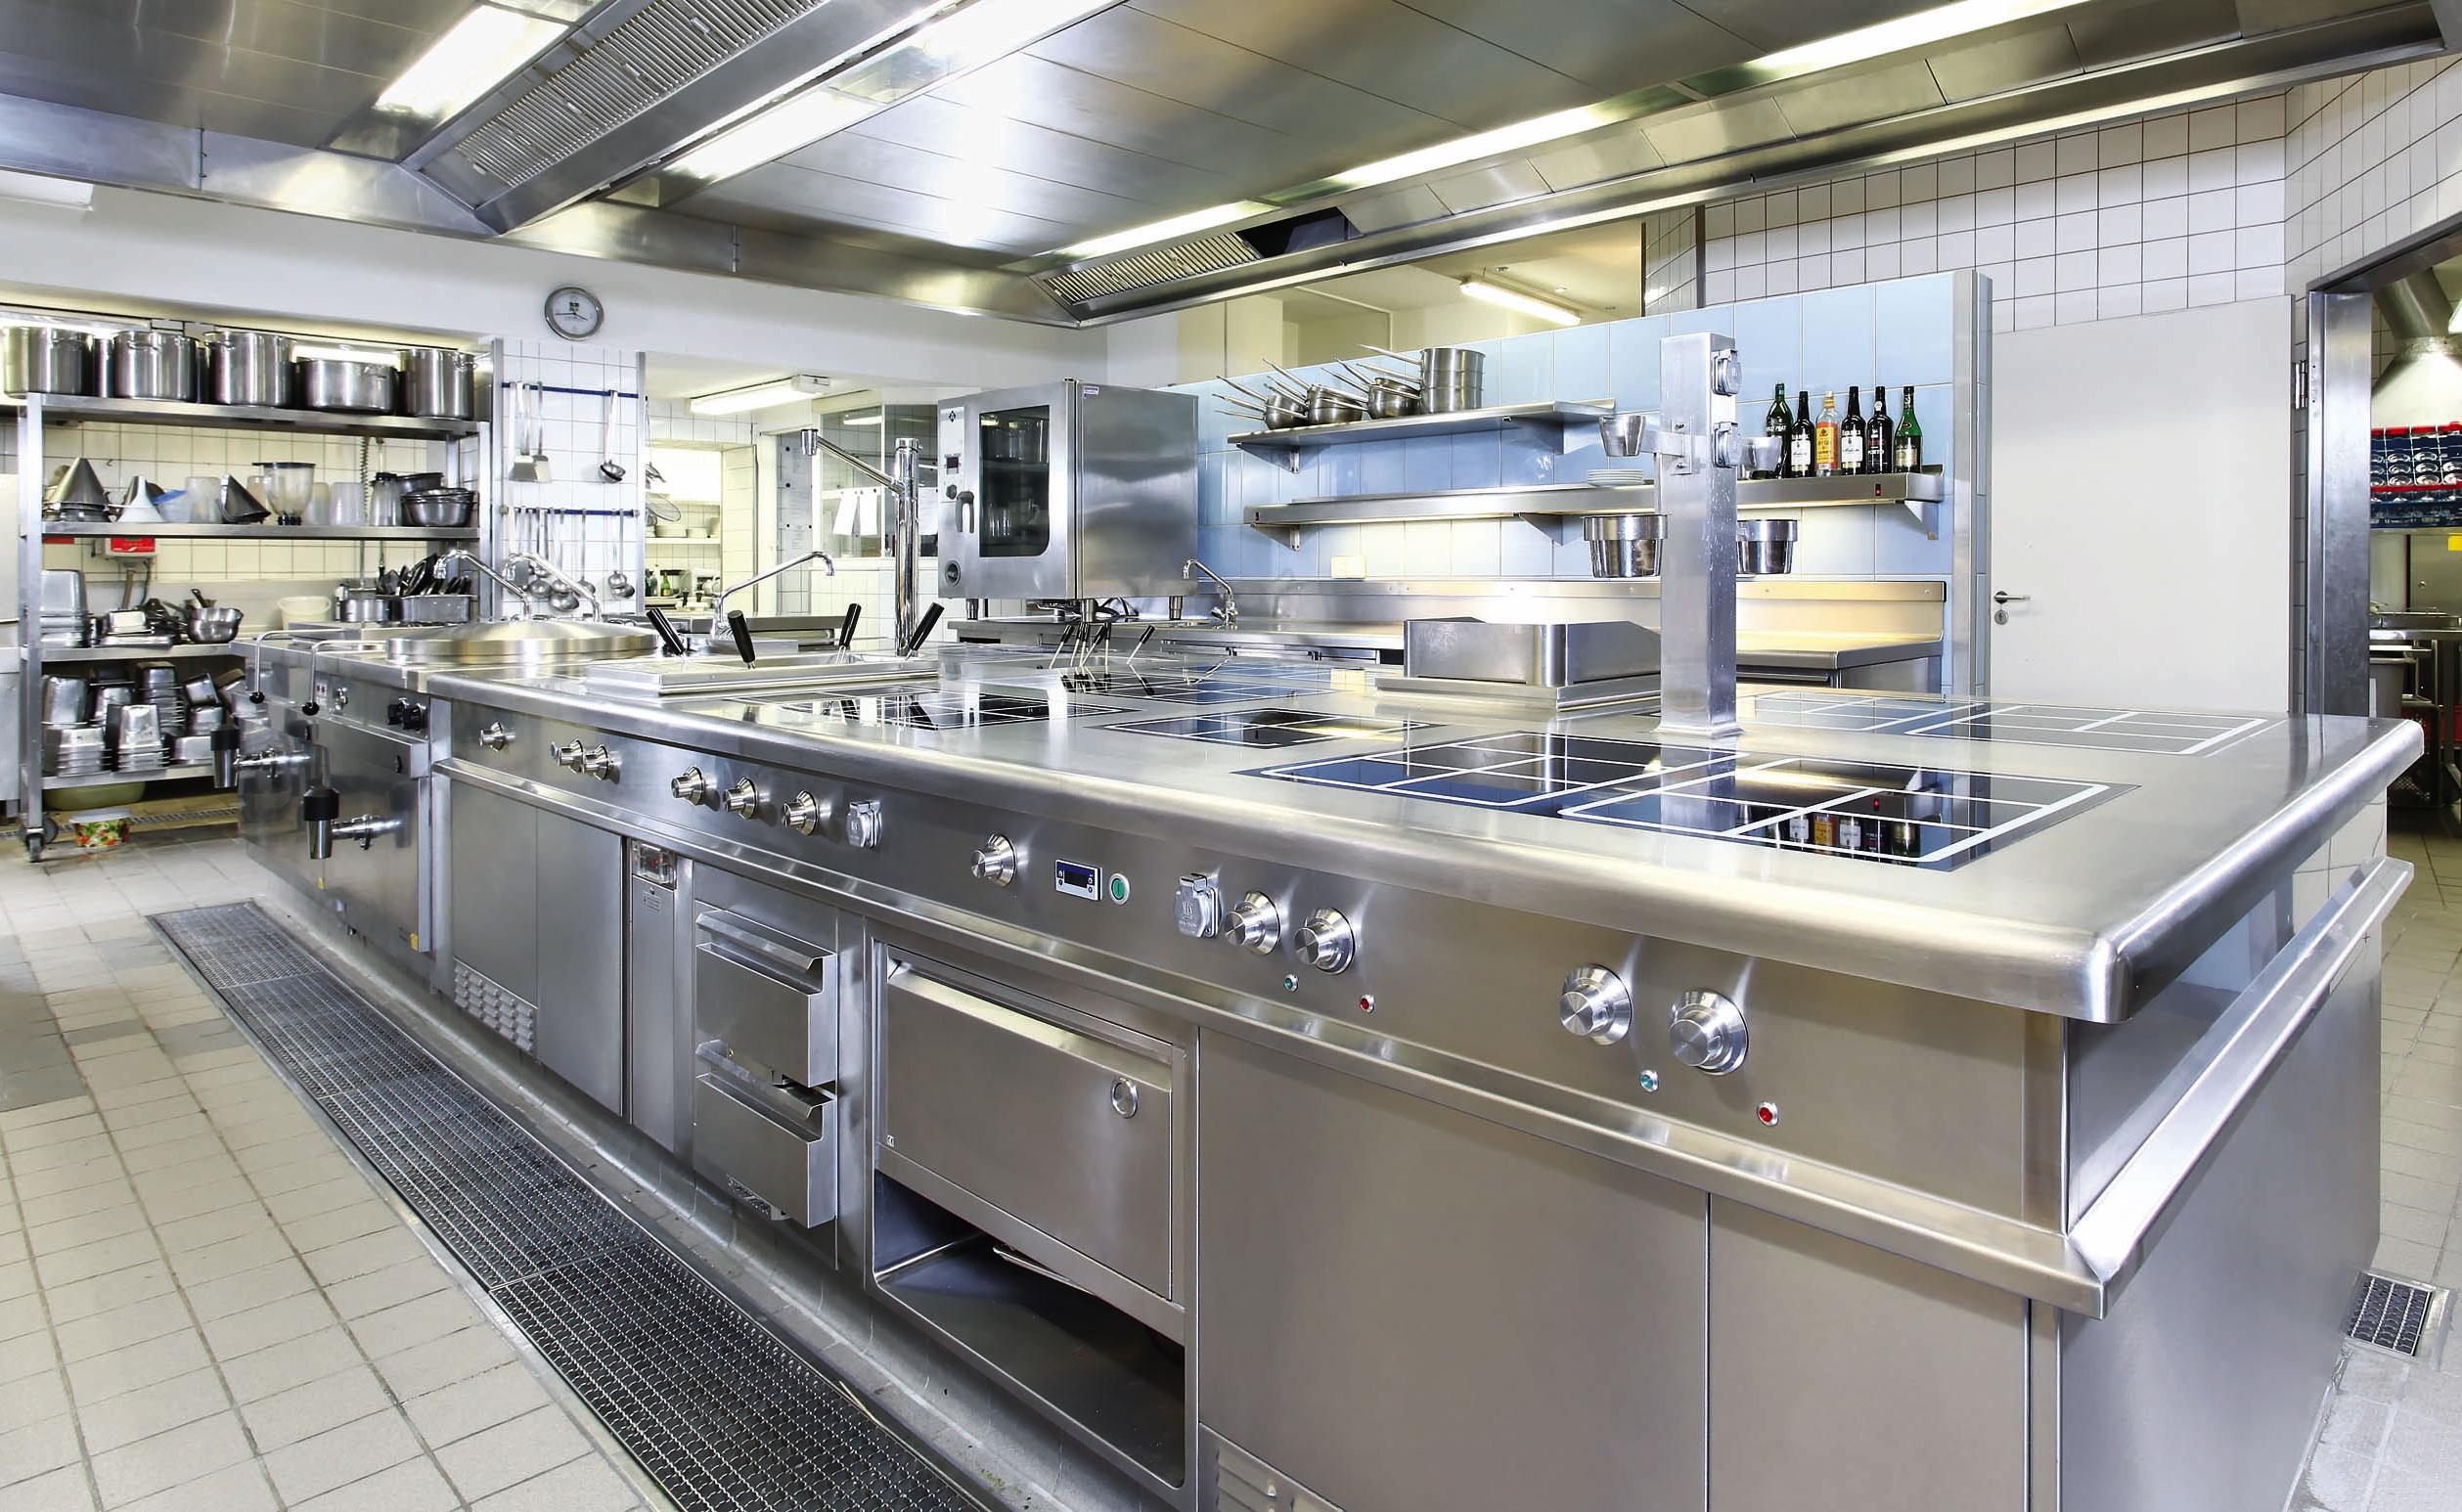 küche_excelsior_ernst_gesamt_2